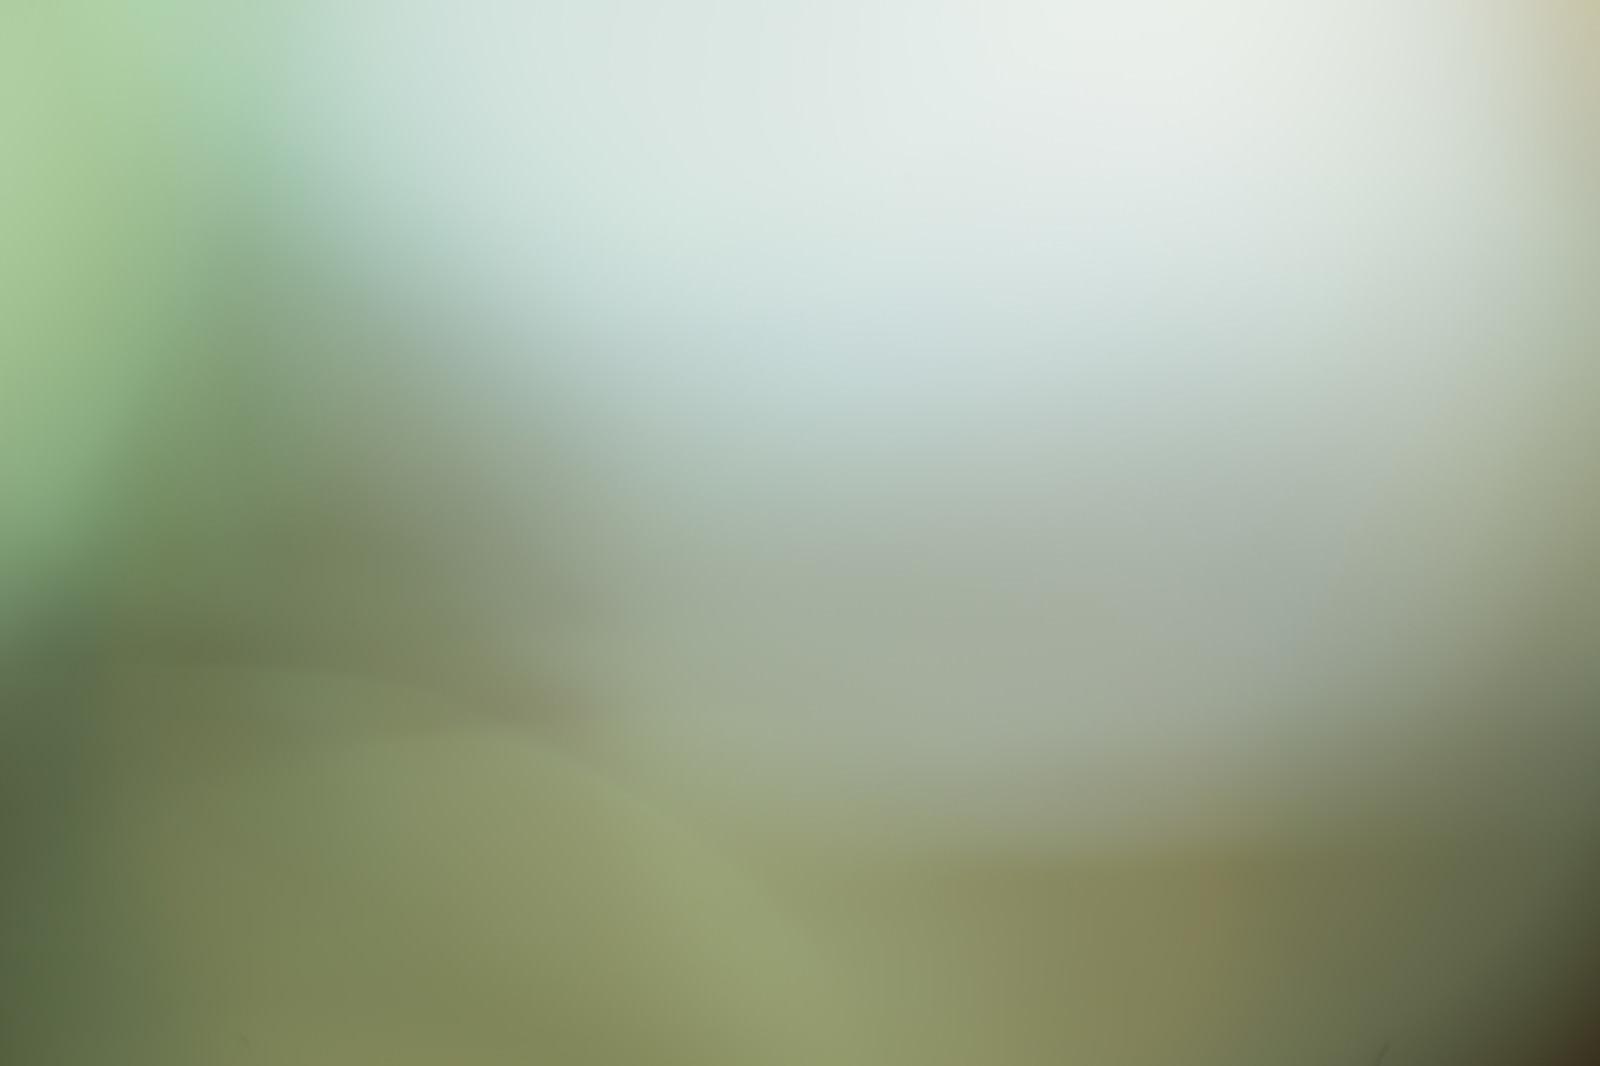 「薄暗い濁った背景」の写真